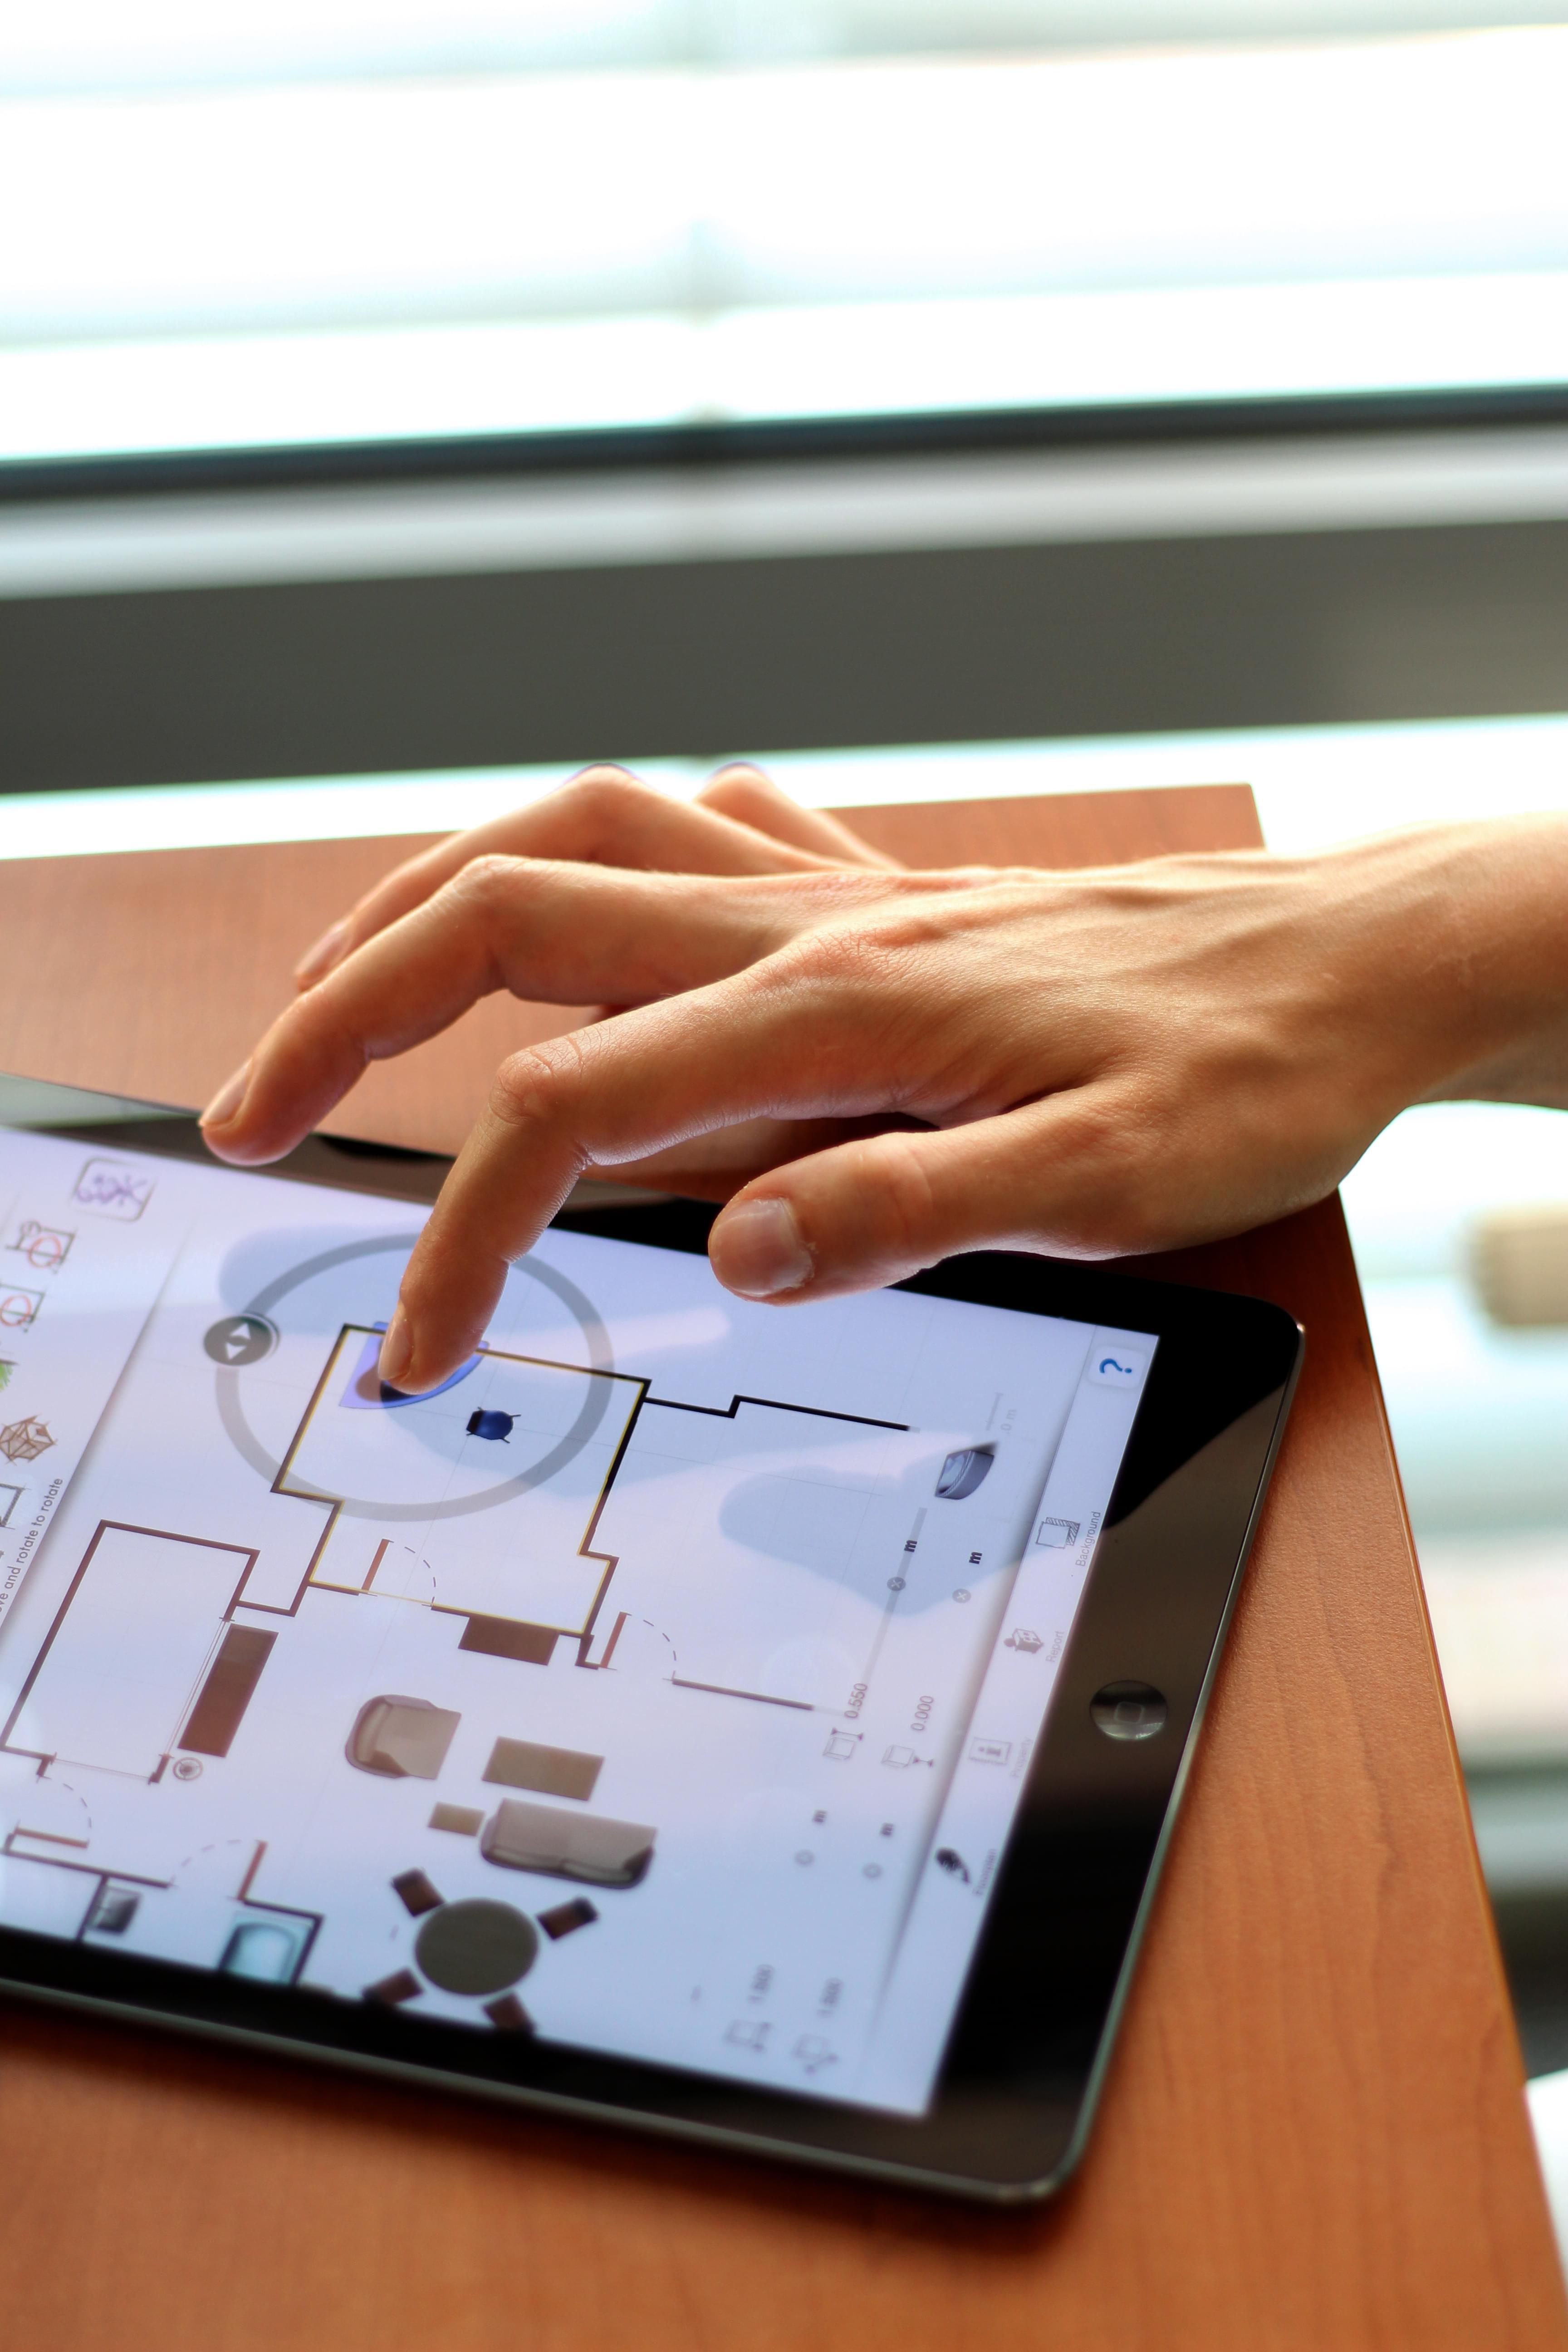 Create on iPad floorplans